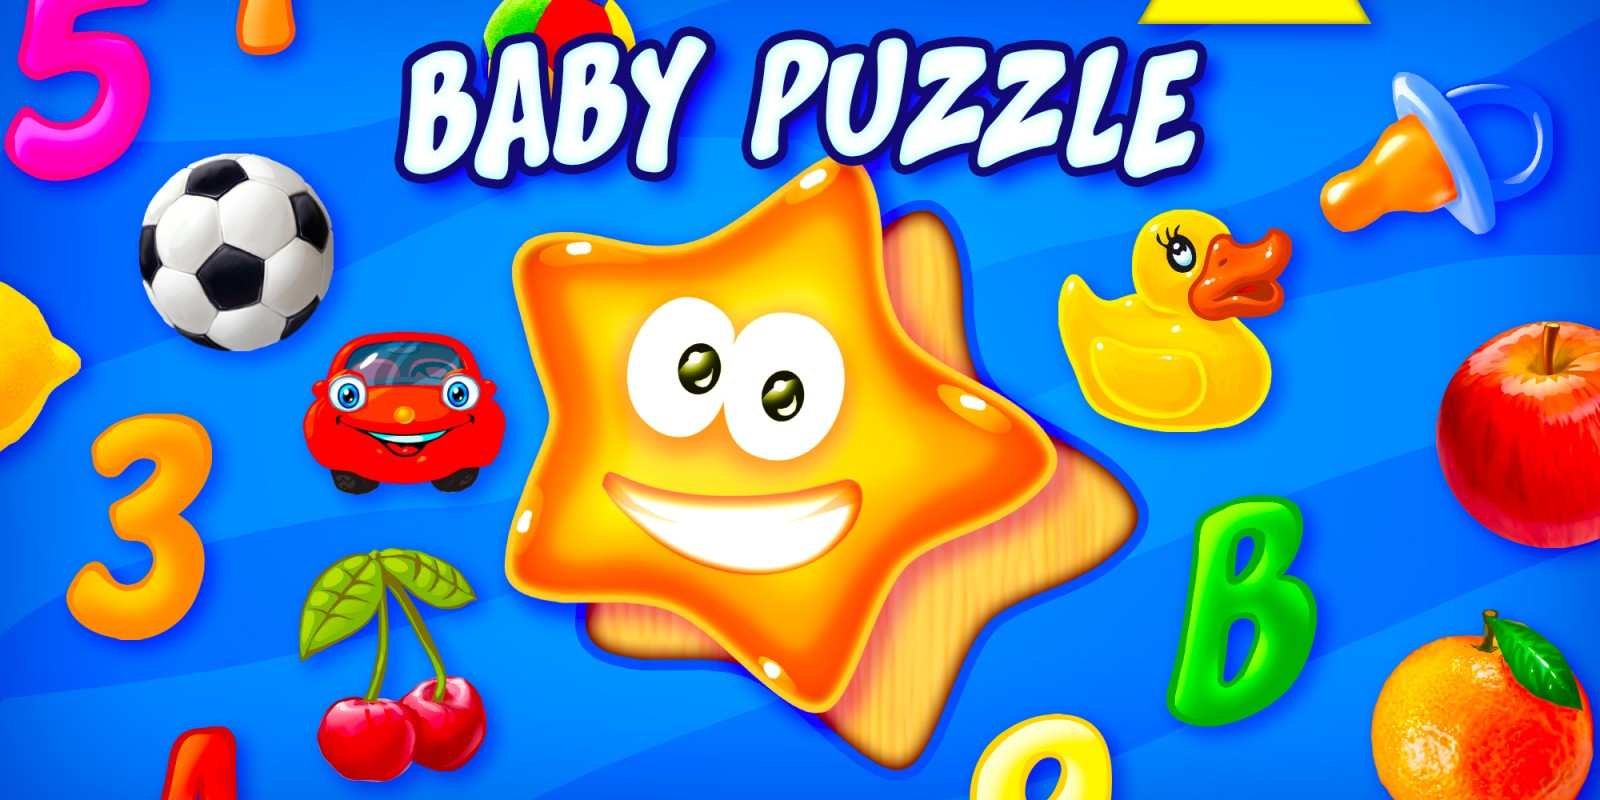 Baby Puzzle - Erste Lernformen für Kleinkinder